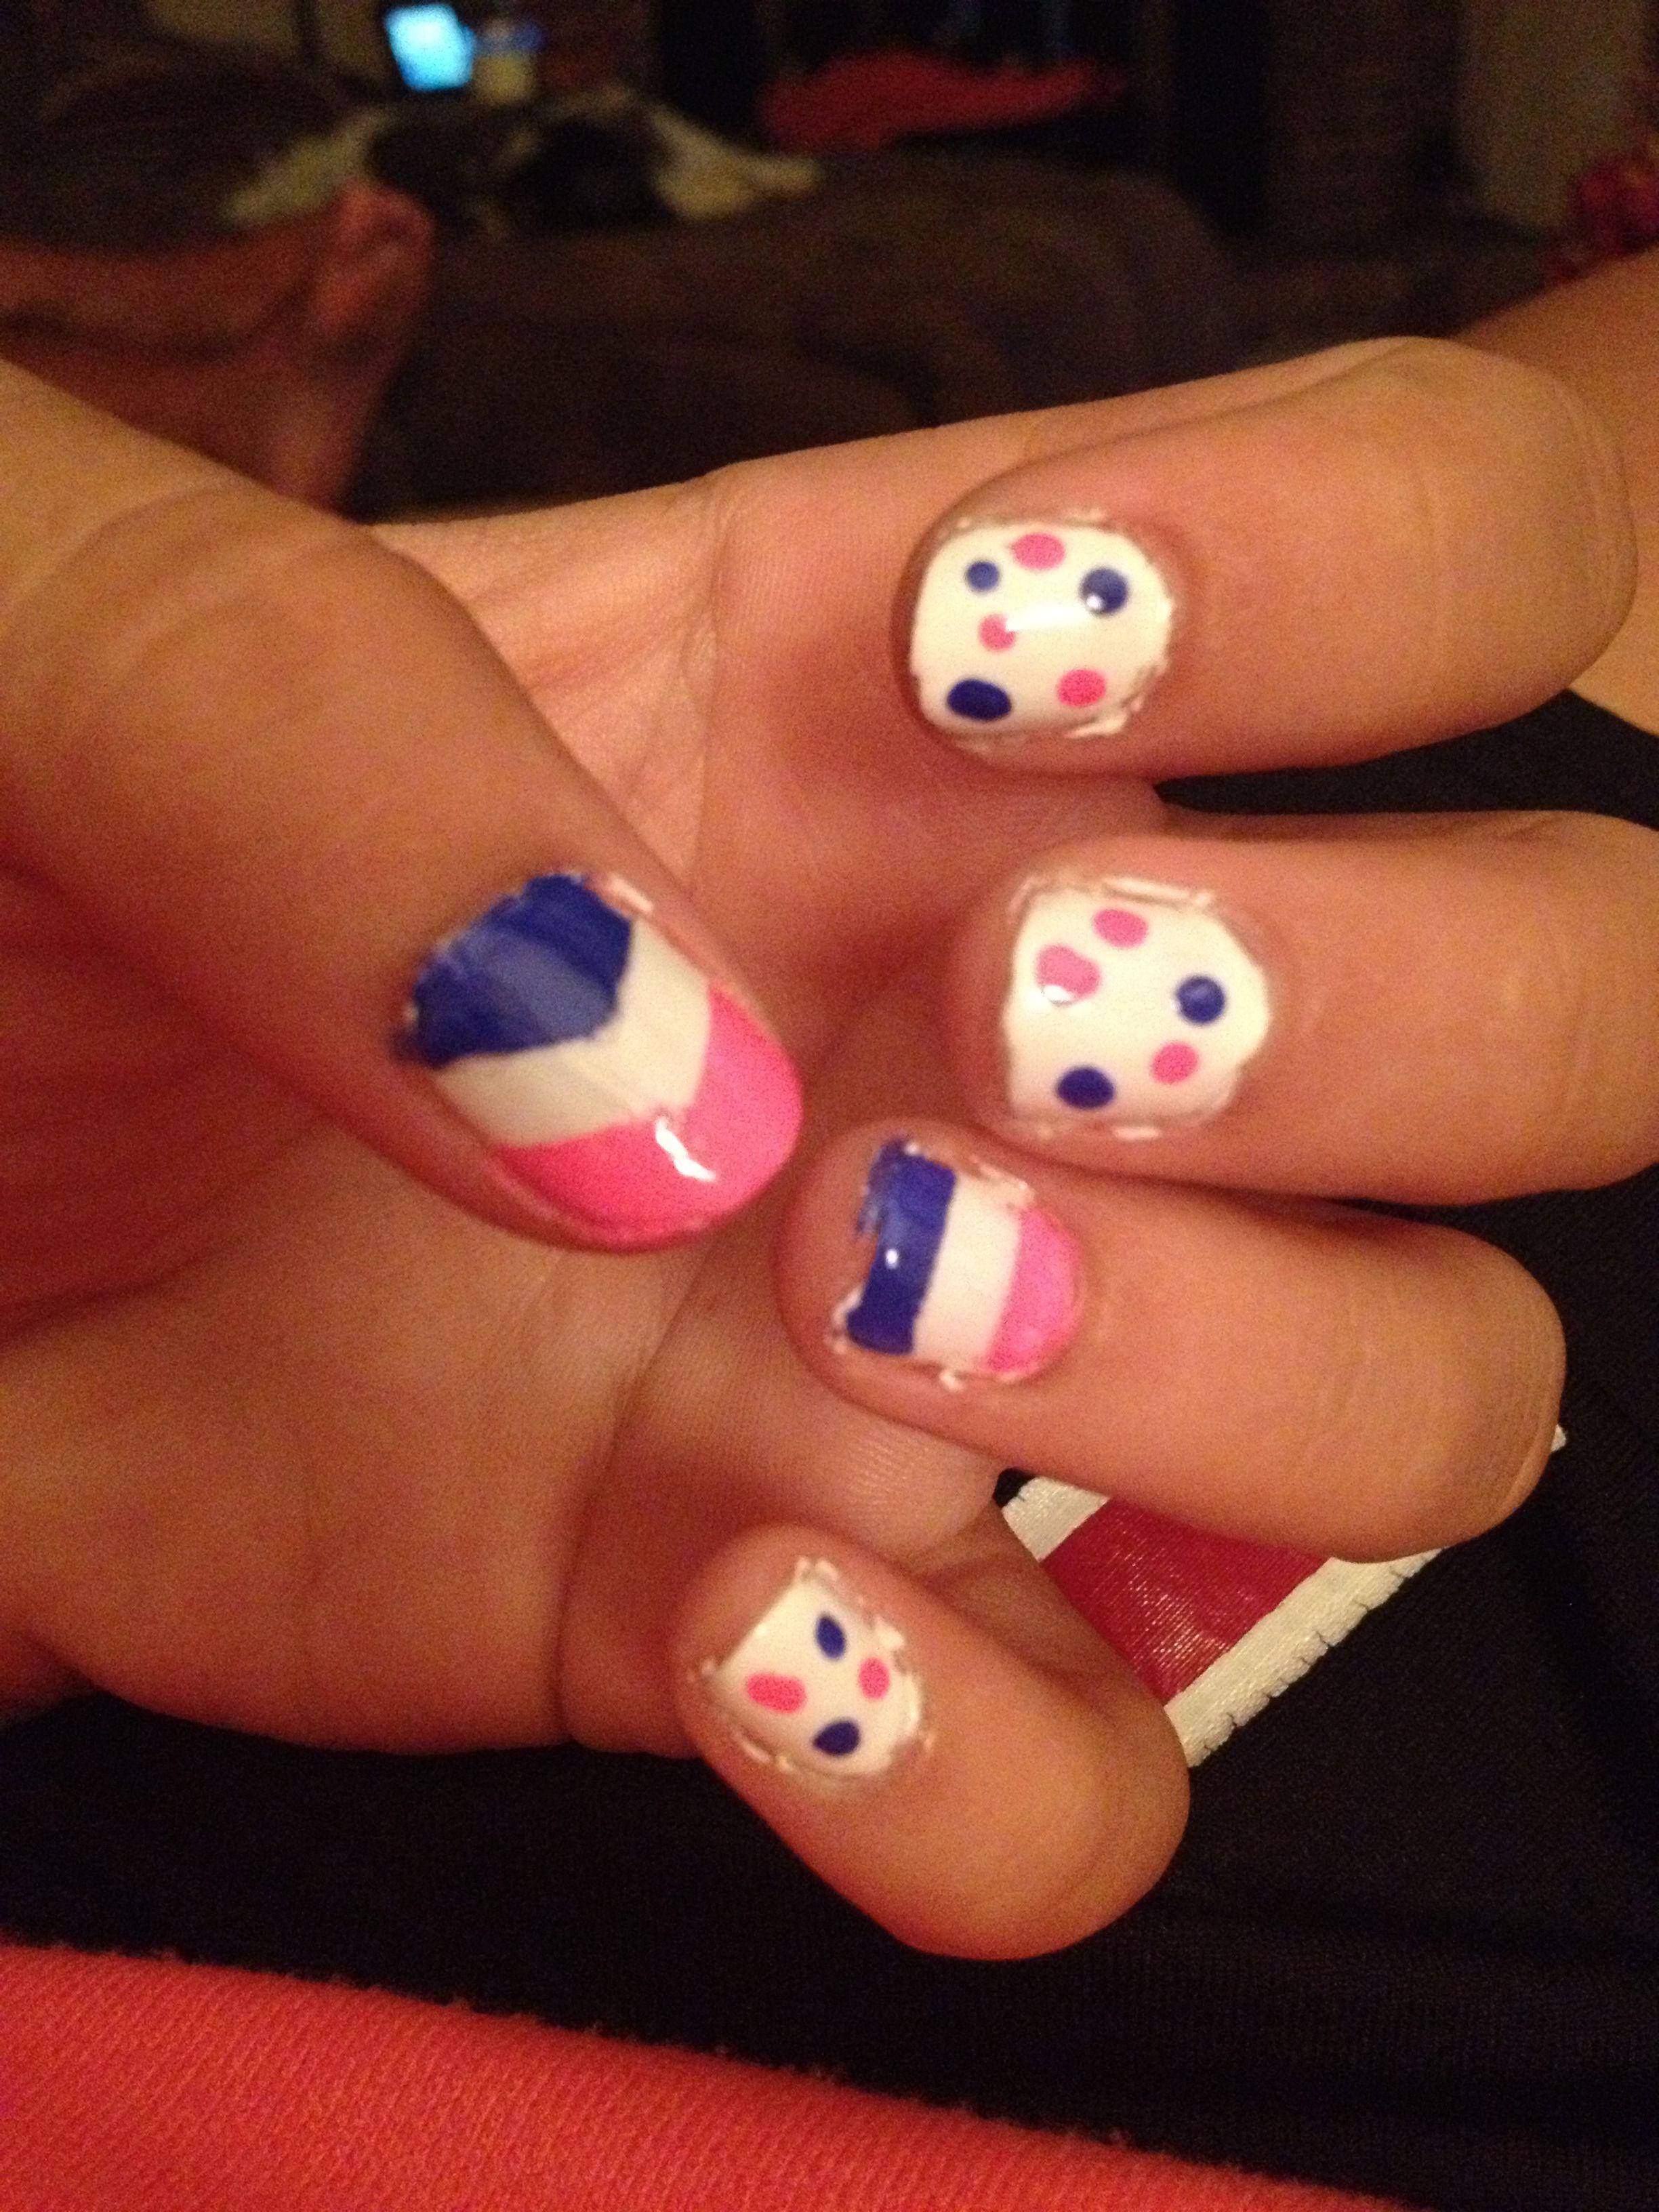 Fun nails | Fun nails, Nails, Nail polish